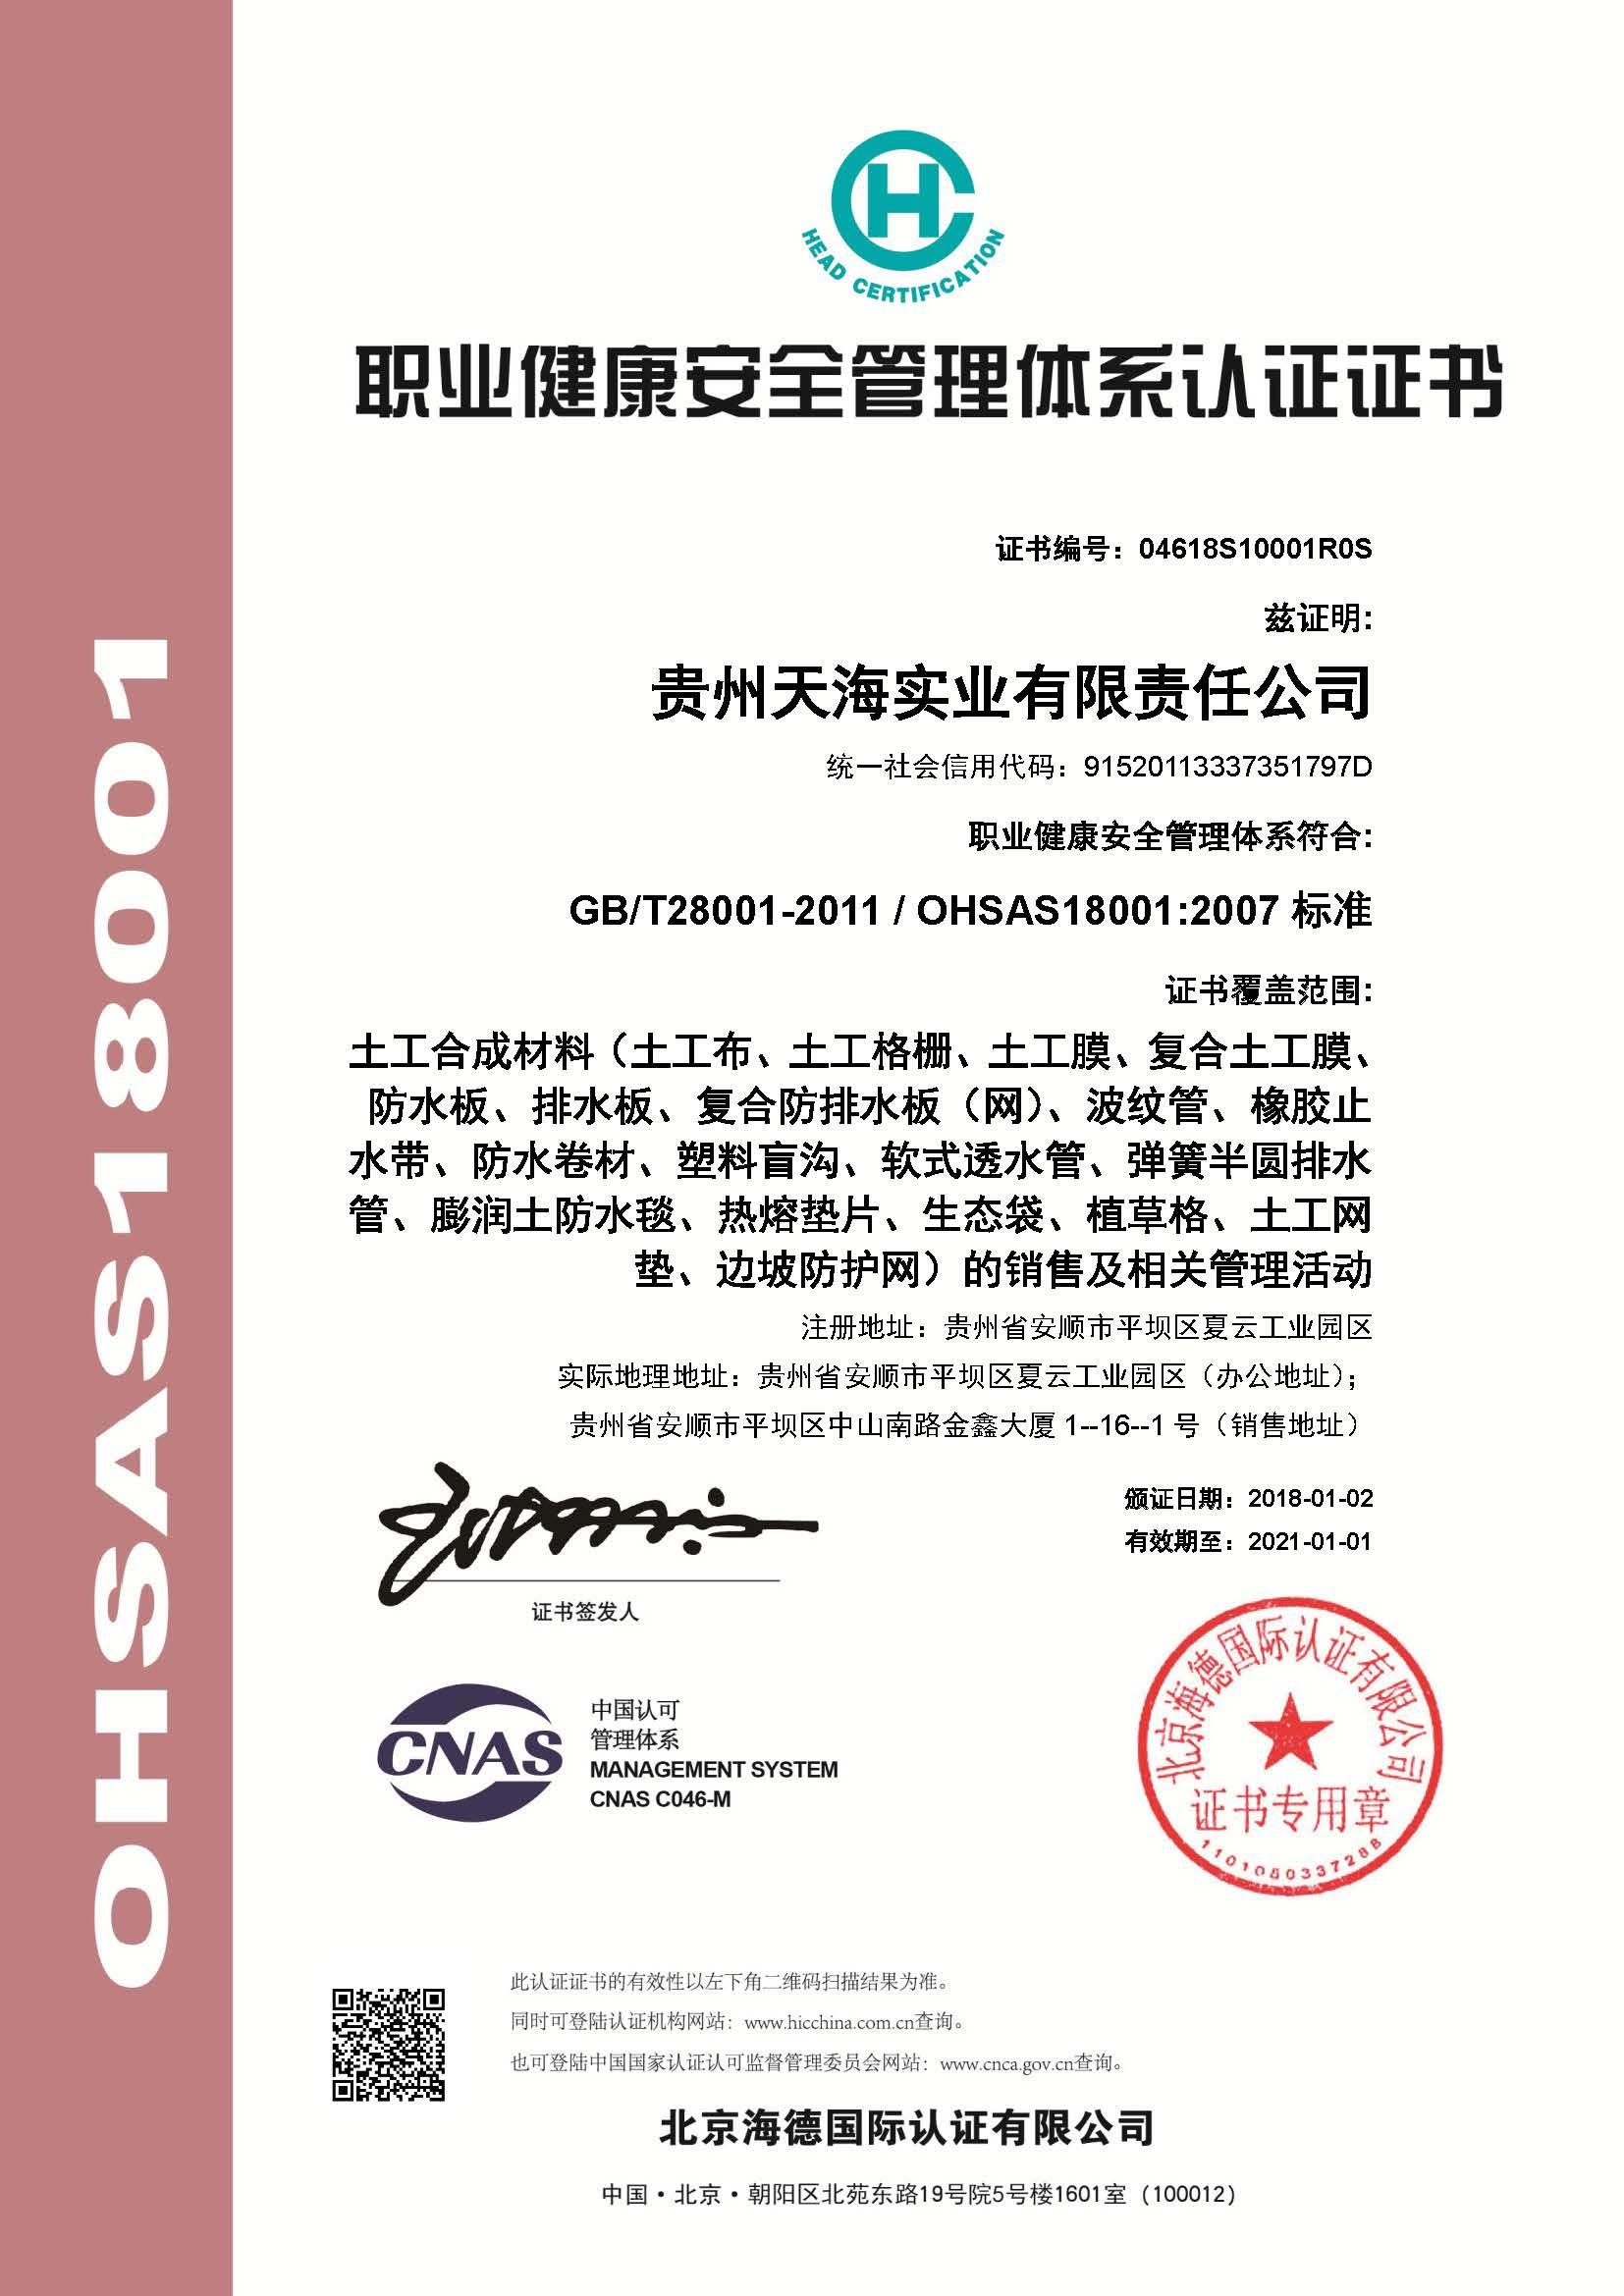 职业健康安全管理体系认证证书2018